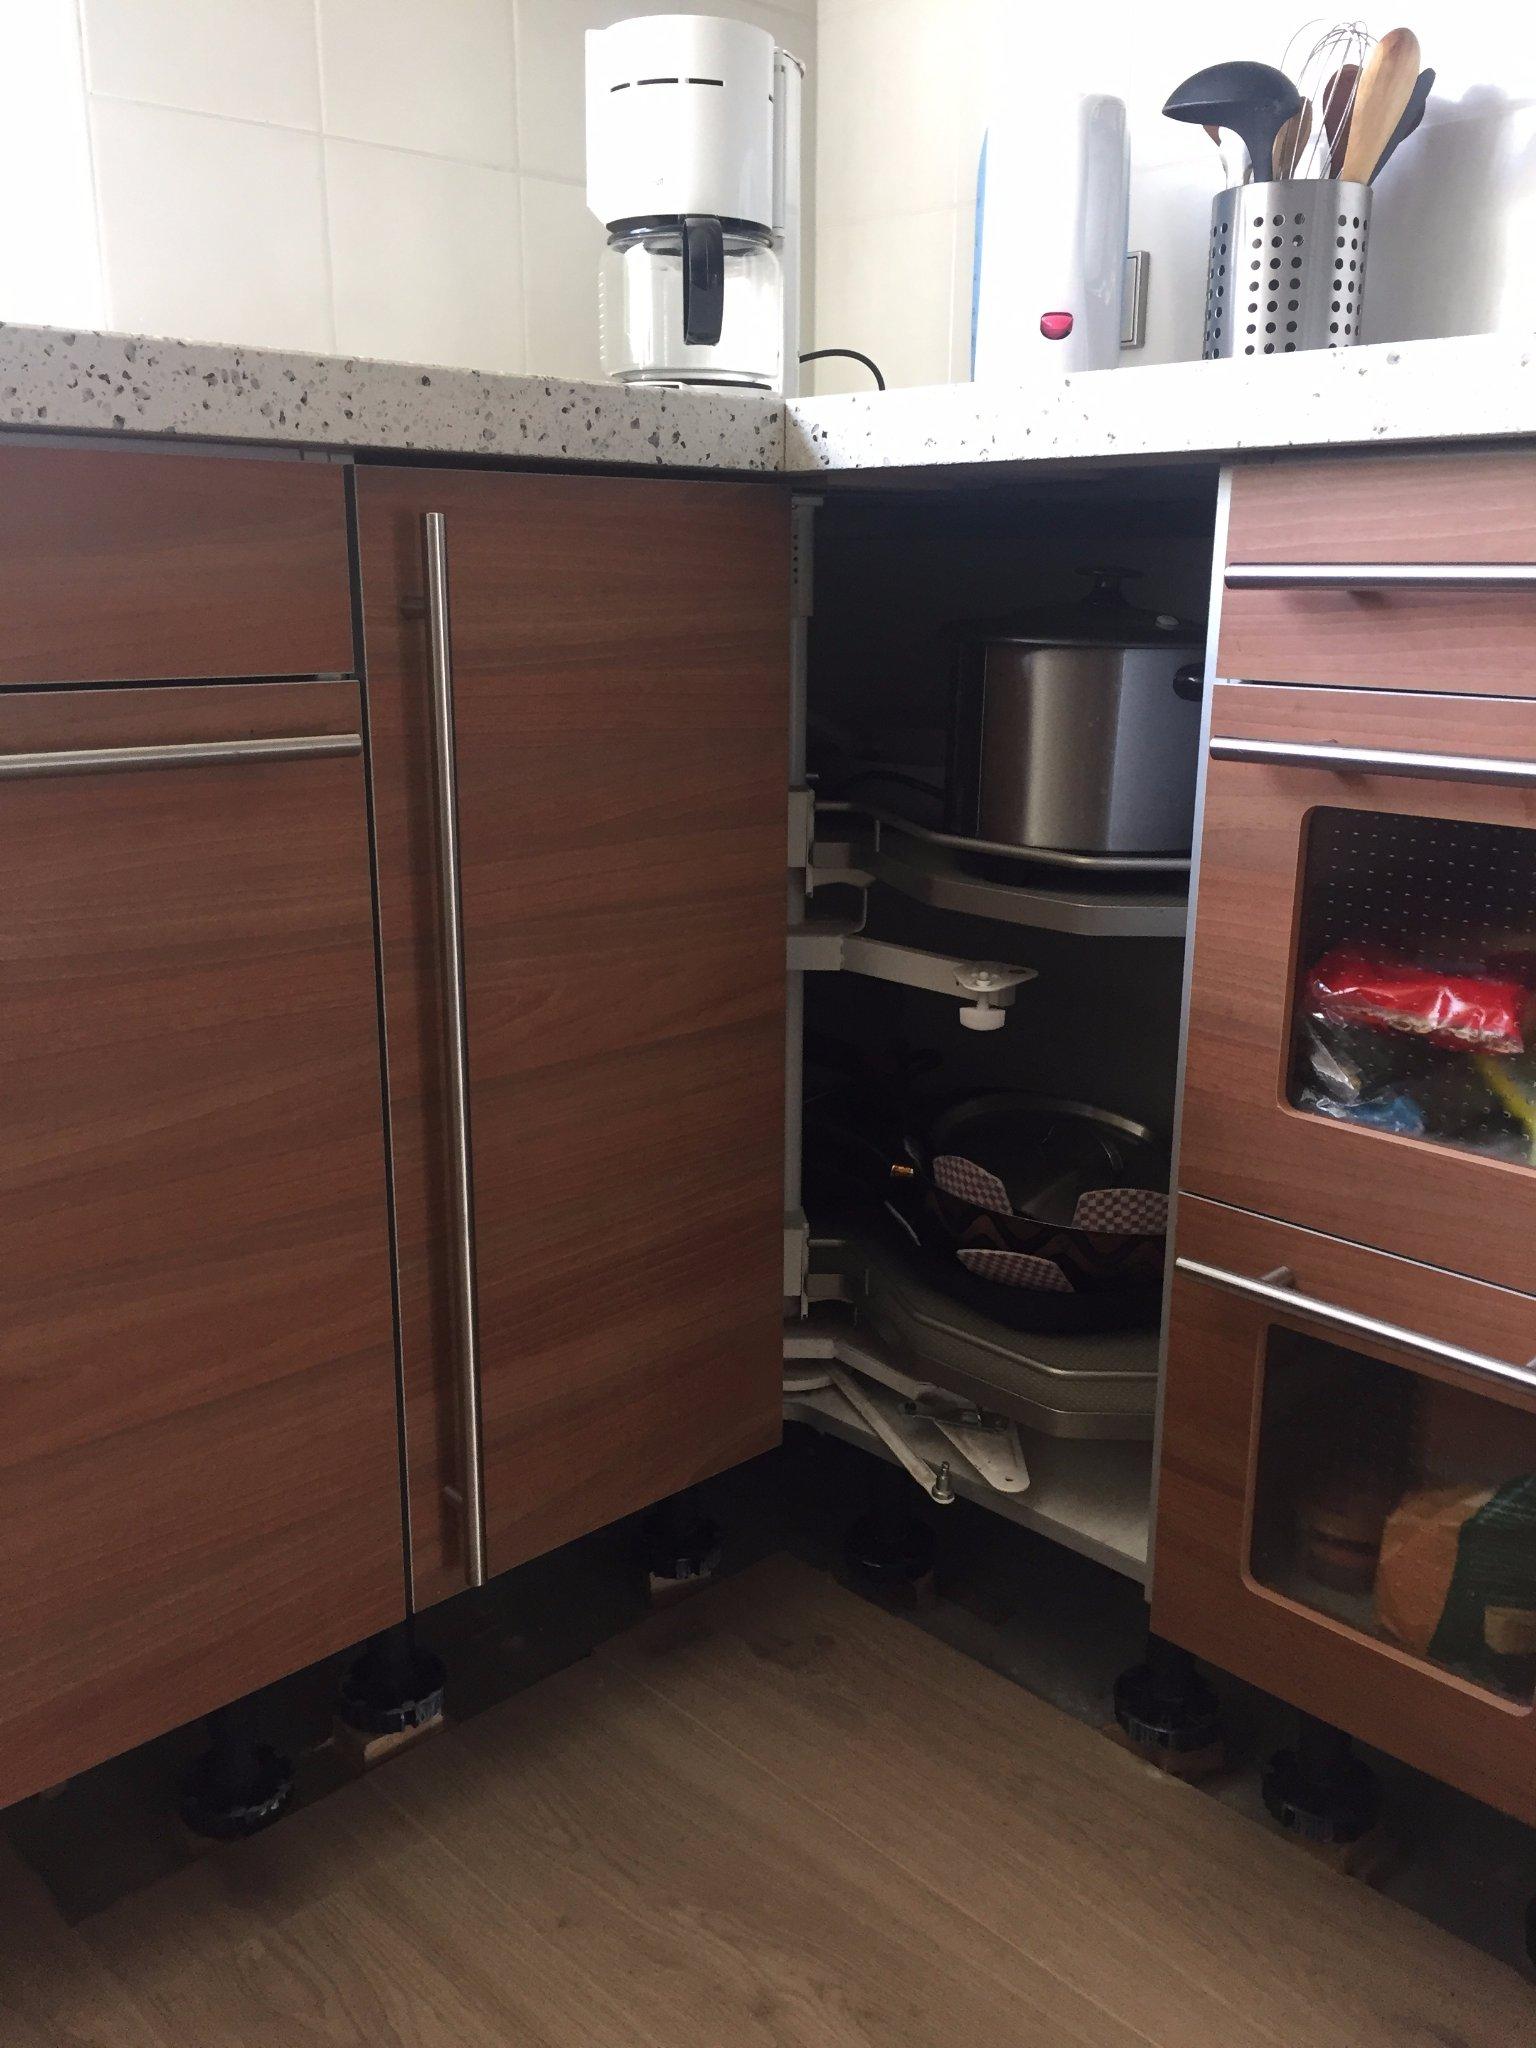 keuken carrousel monteren : Repareren Keuken Draaicarrousel Afdeklijst Onder Kasten Maken